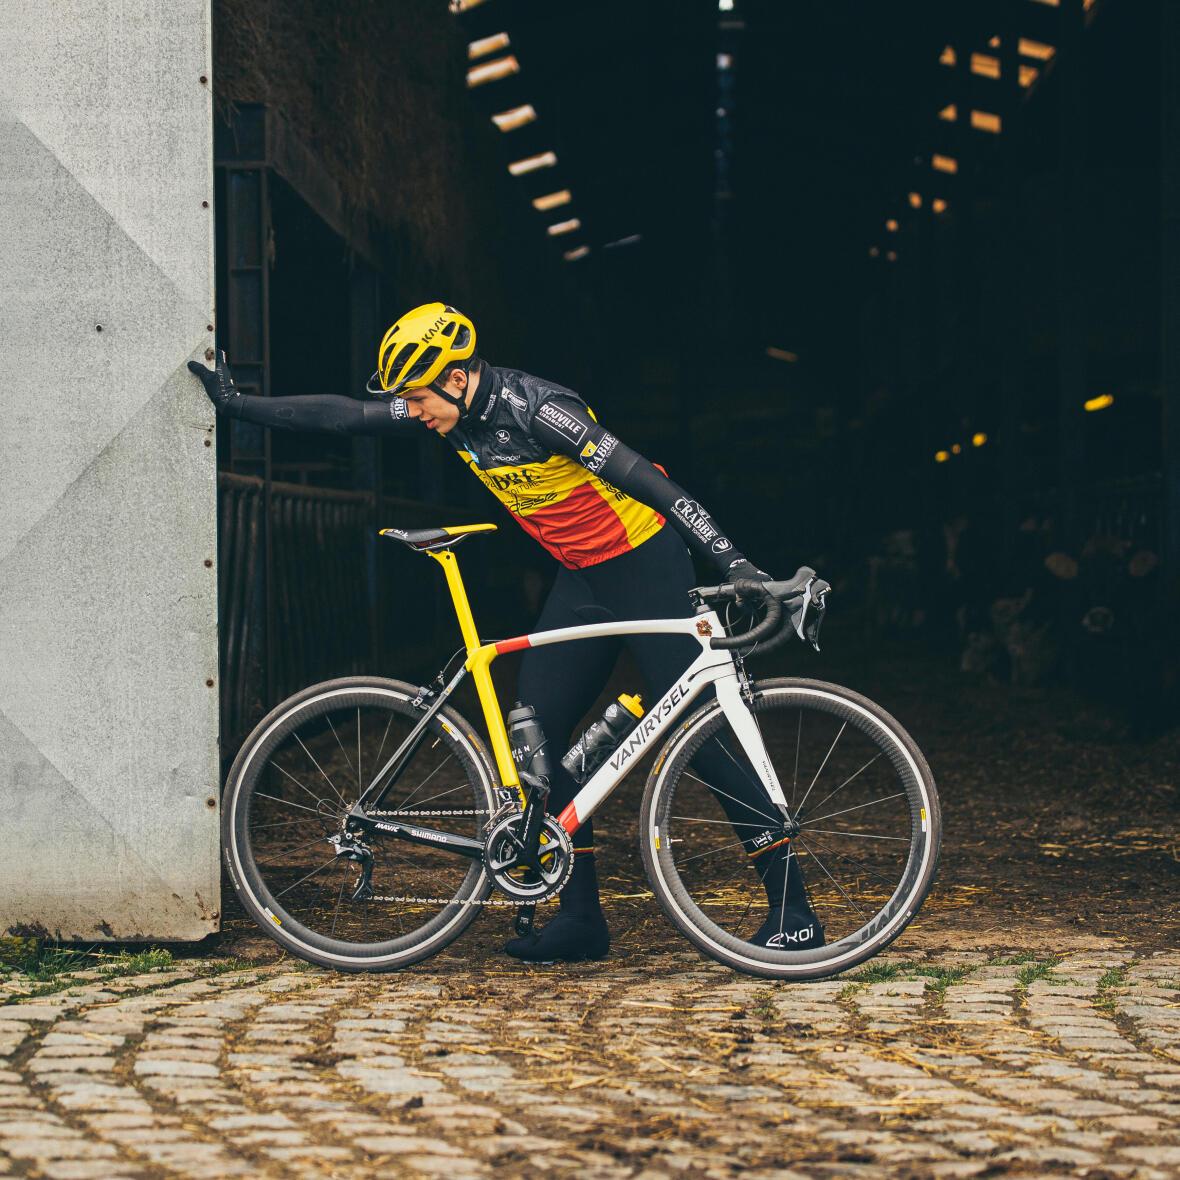 vélo de route Decathlon Van Rysel